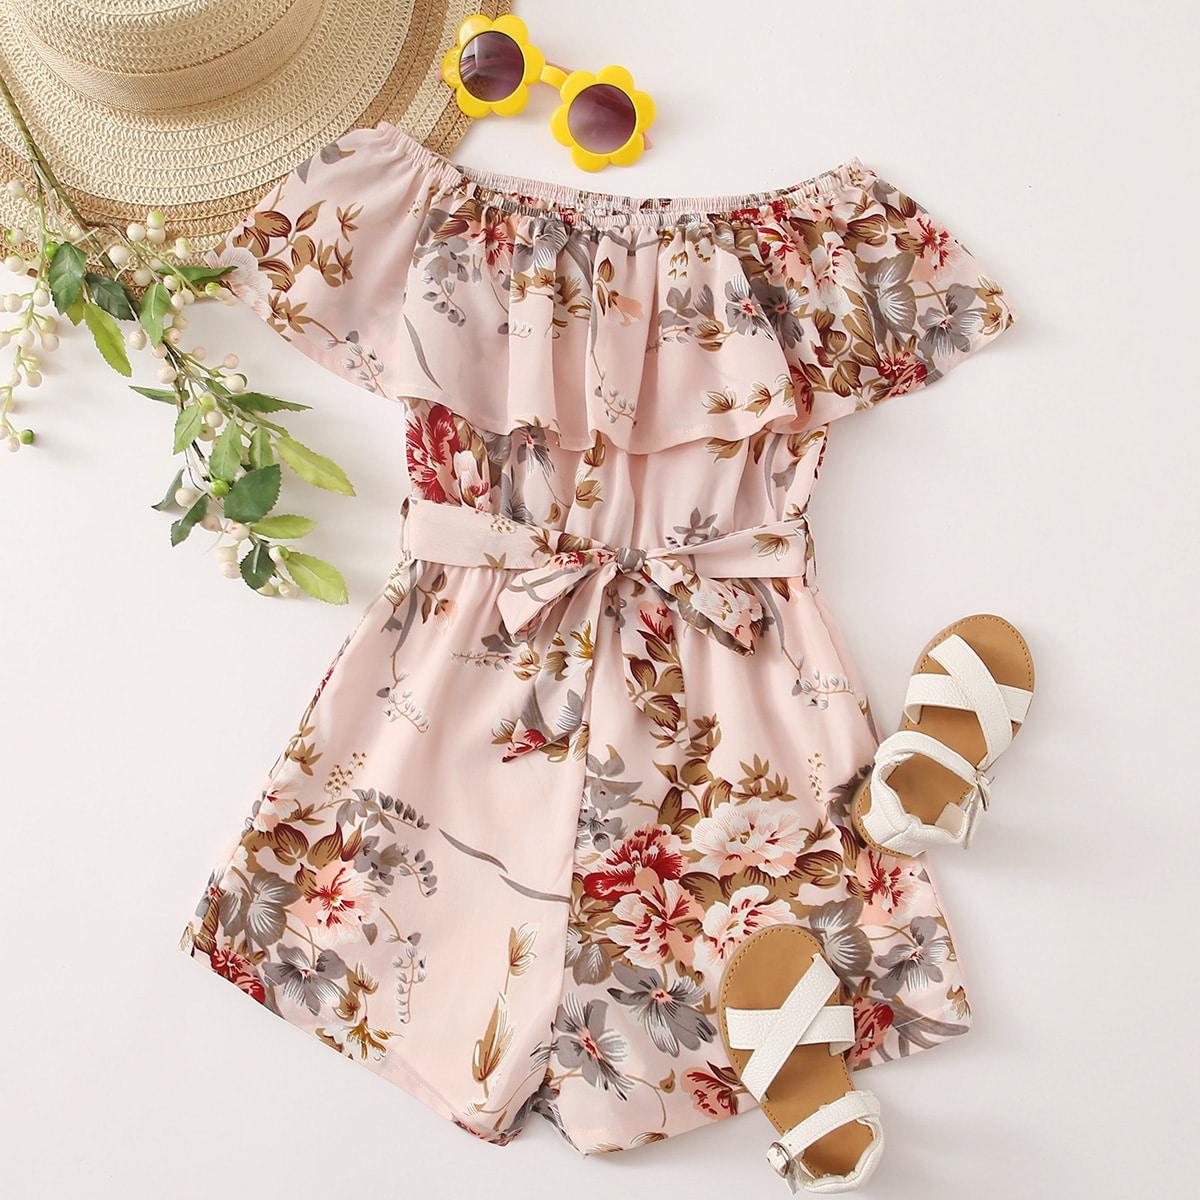 Комбинезон с поясом, цветочным принтом и открытыми плечами для девочек от SHEIN